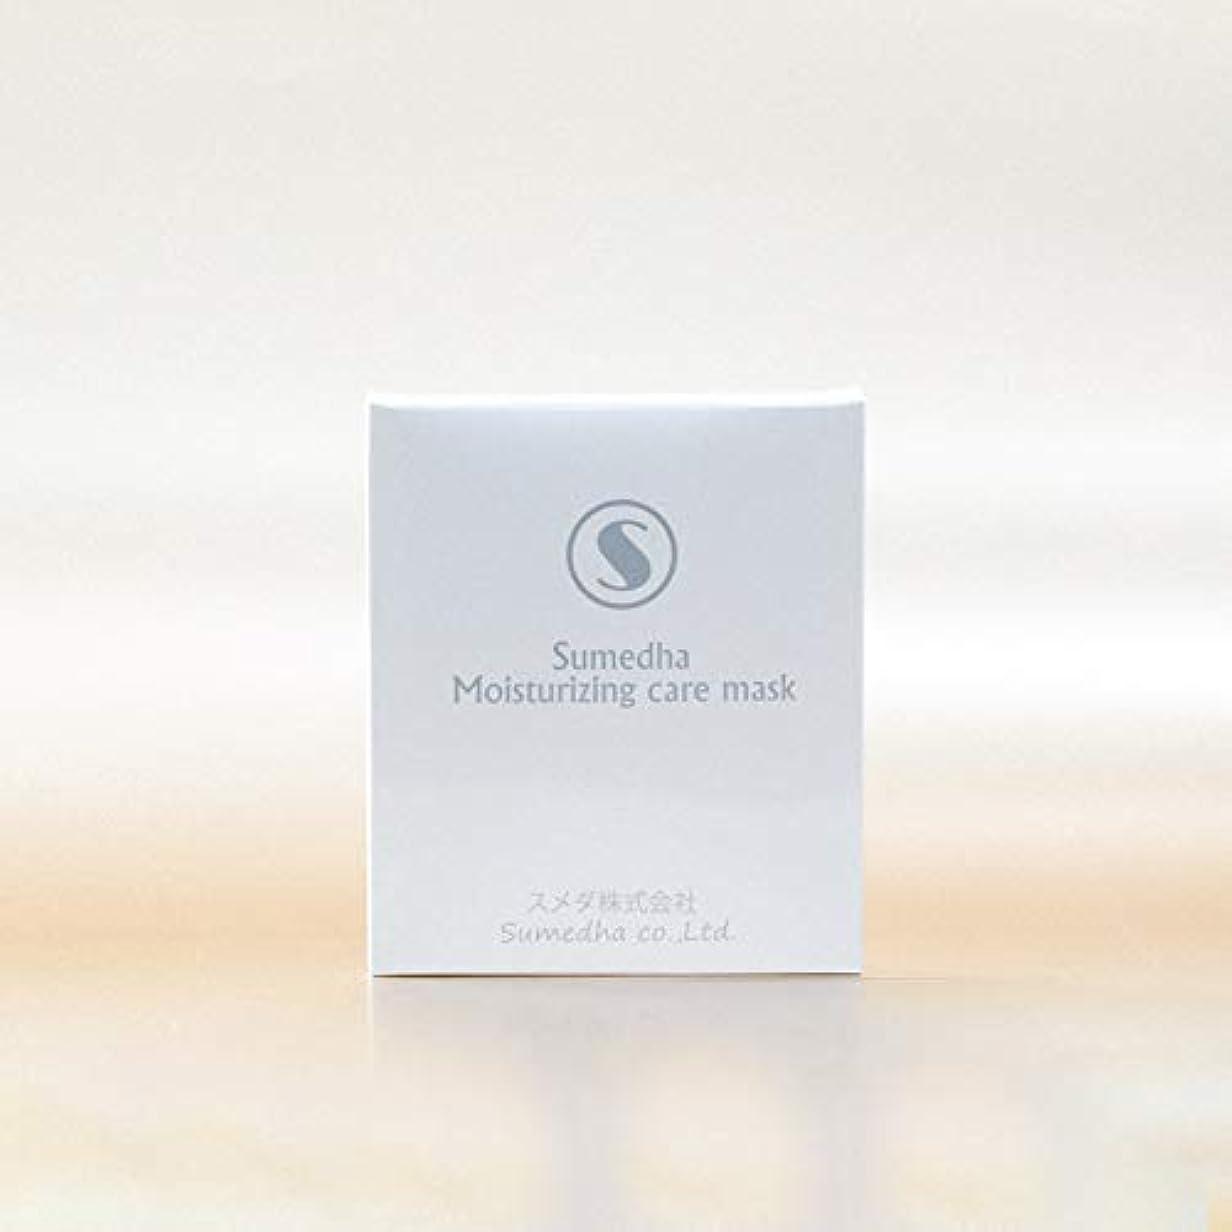 実業家法律により電圧フェイスマスク Sumedha パック 保湿マスク 日本製 マスク フェイスパック 3枚入り 美白 美容 アンチセンシティブ 角質層修復 保湿 補水 敏感肌 発赤 アレルギー緩和 コーセー (超保湿)